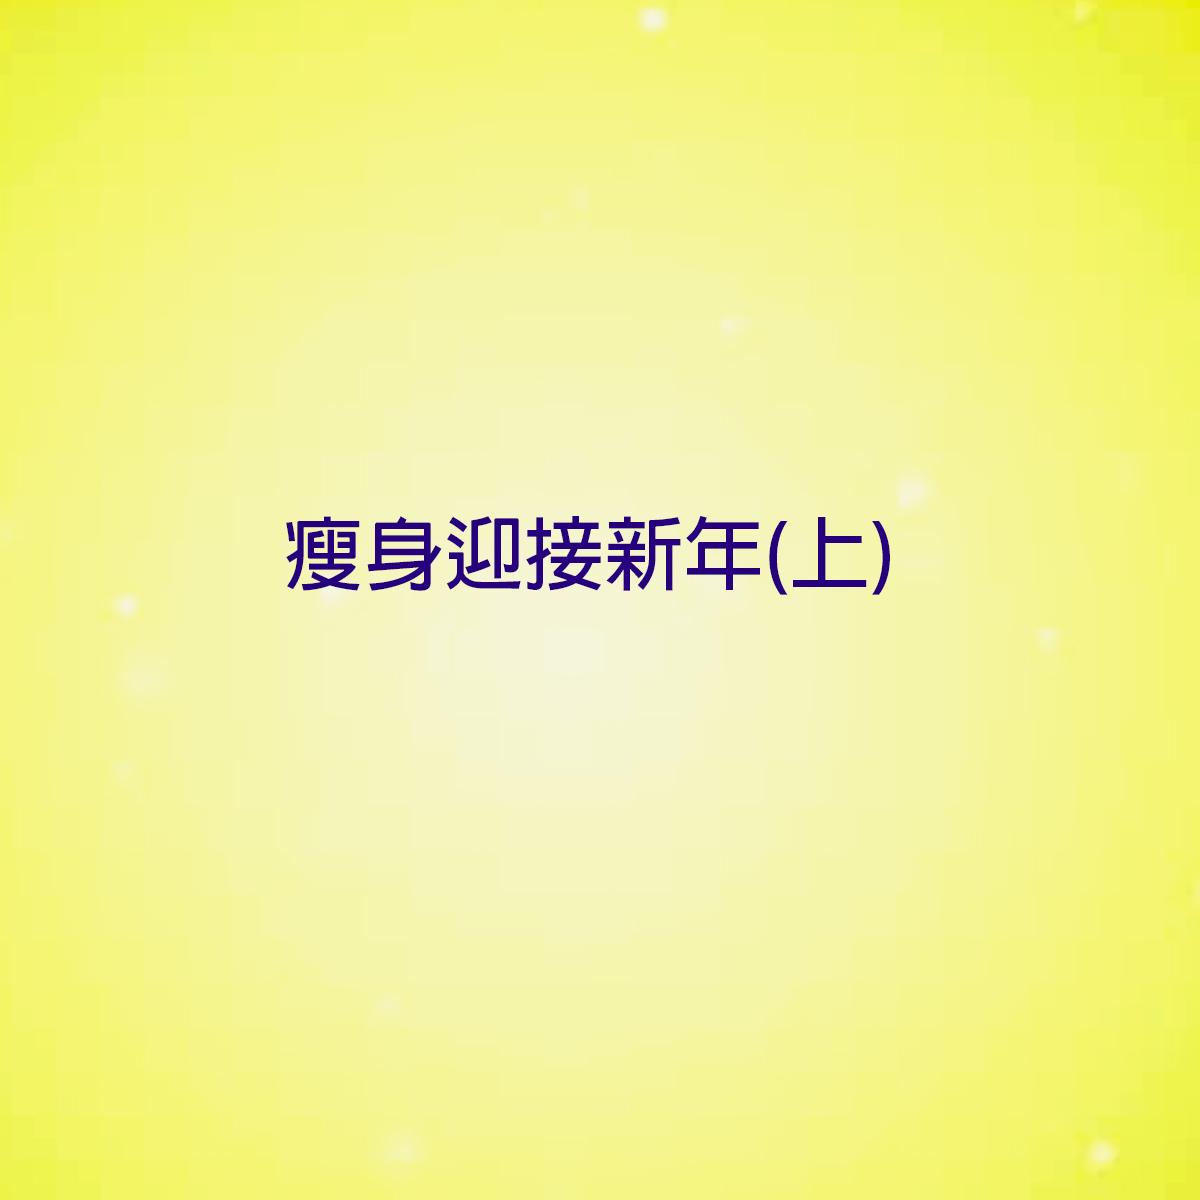 瘦身迎接新年(上)